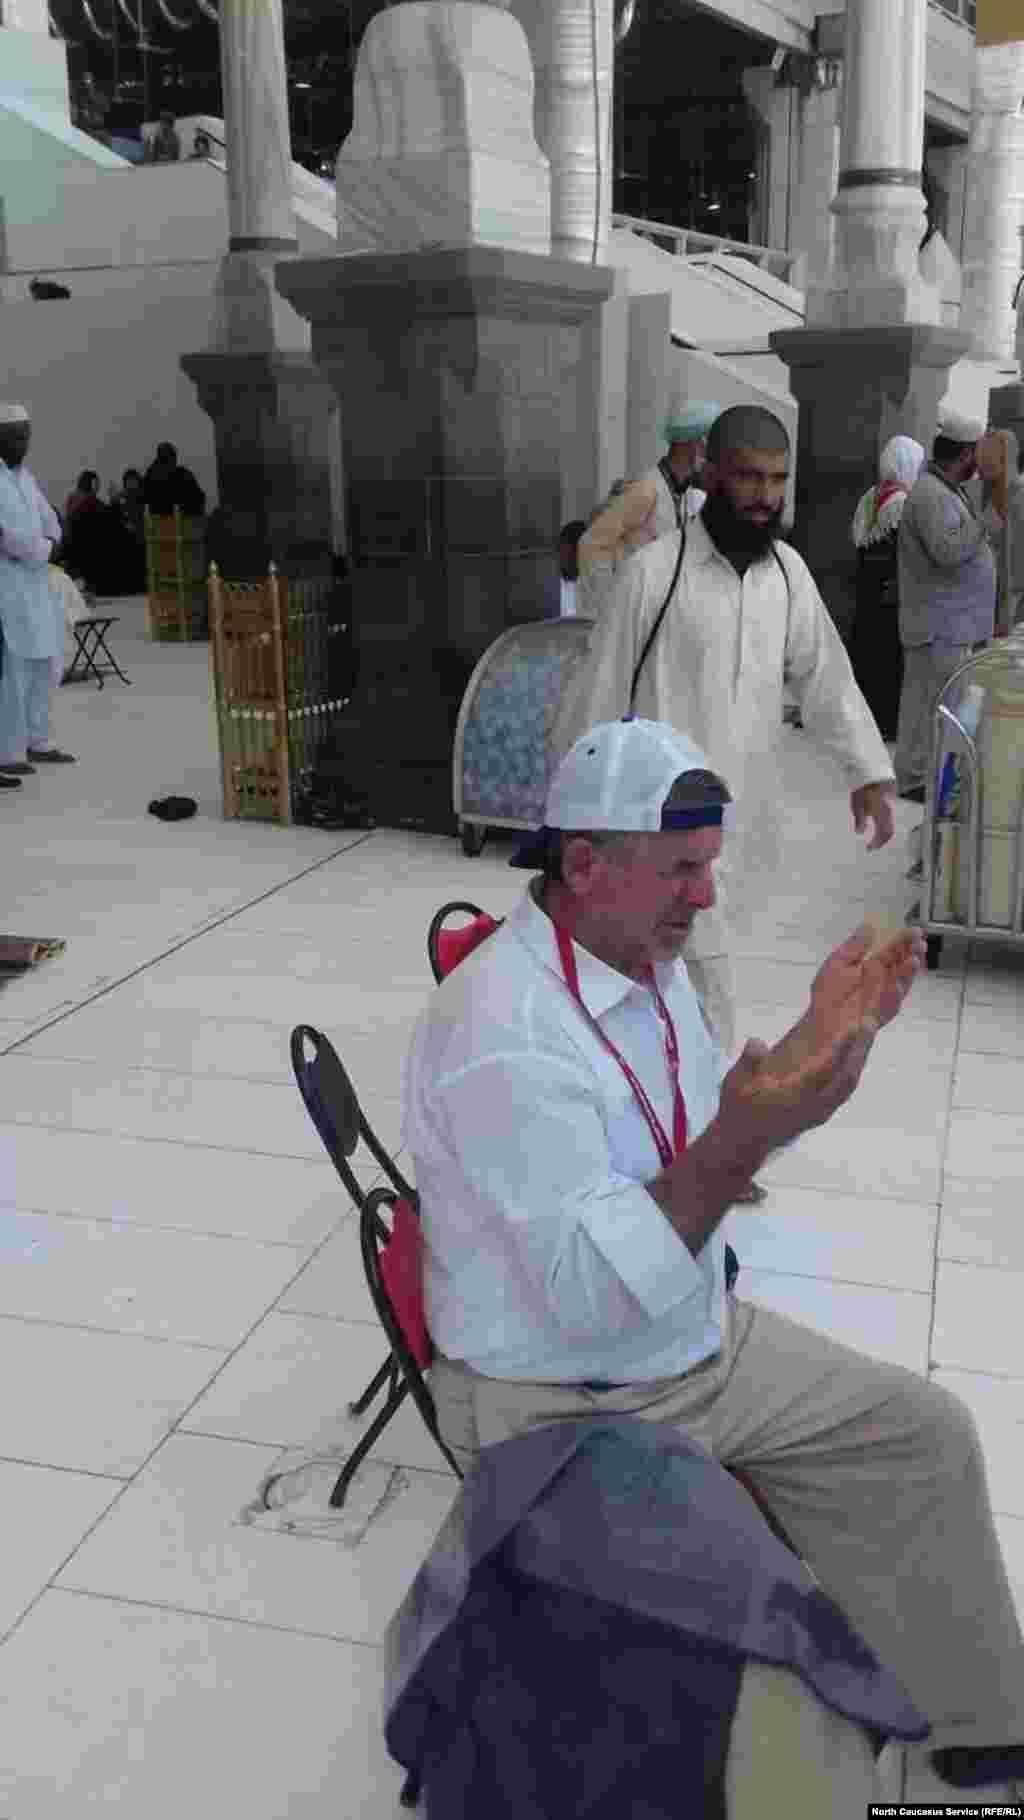 Пожилые и нездоровые паломники в главной мечети могут молиться сидя на стульях